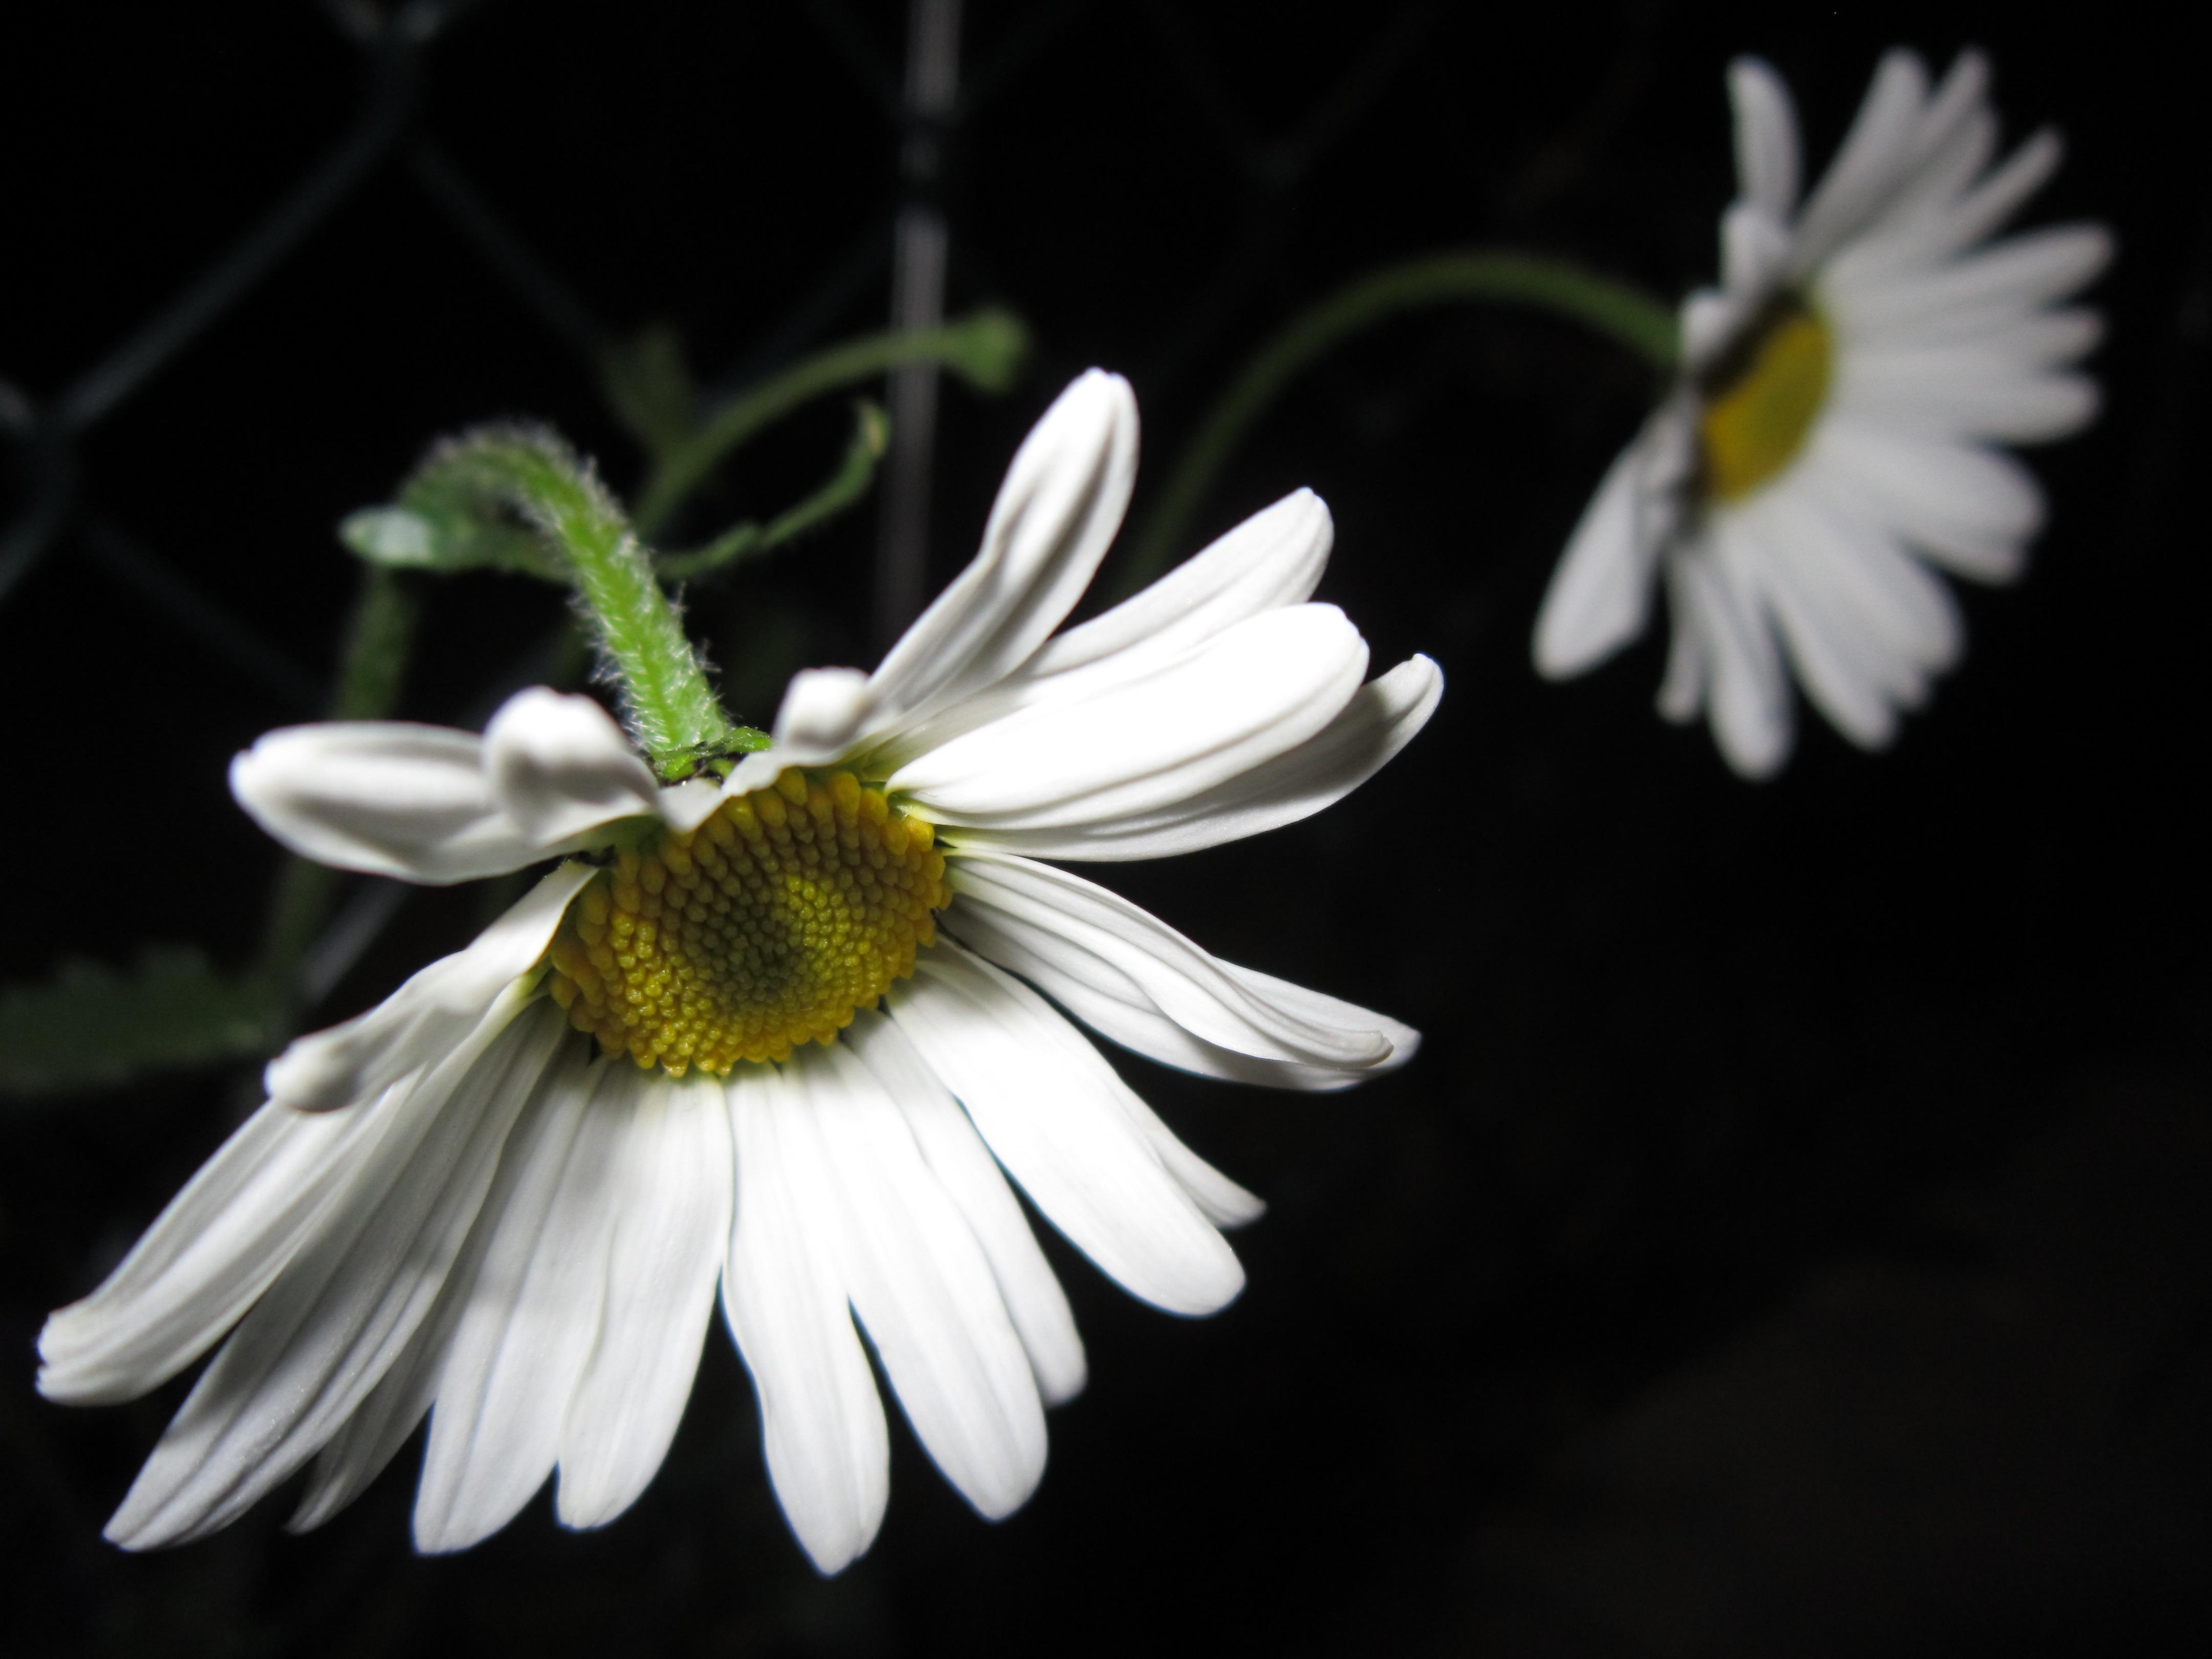 Images Gratuites La Nature Blanc La Photographie Petale